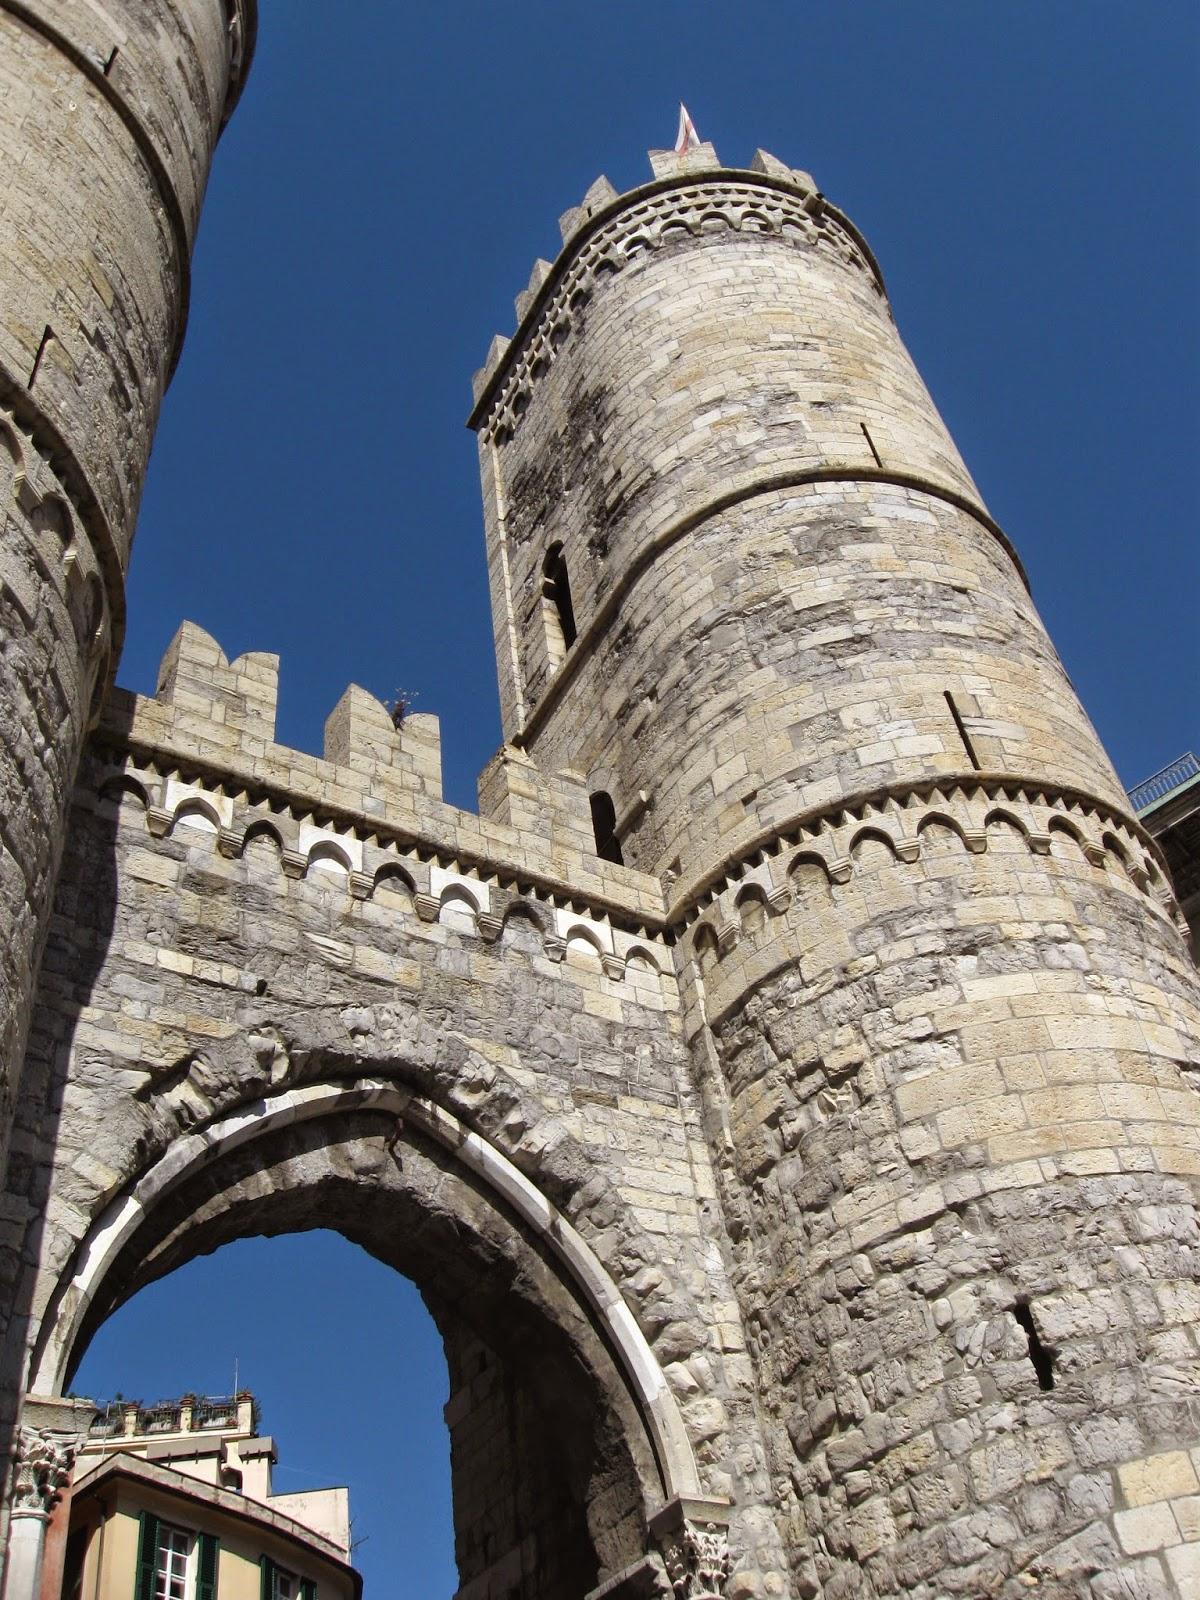 Medioevo tra arte storia e  fantasia Porta Soprana e le antiche mura di Genova Carossino